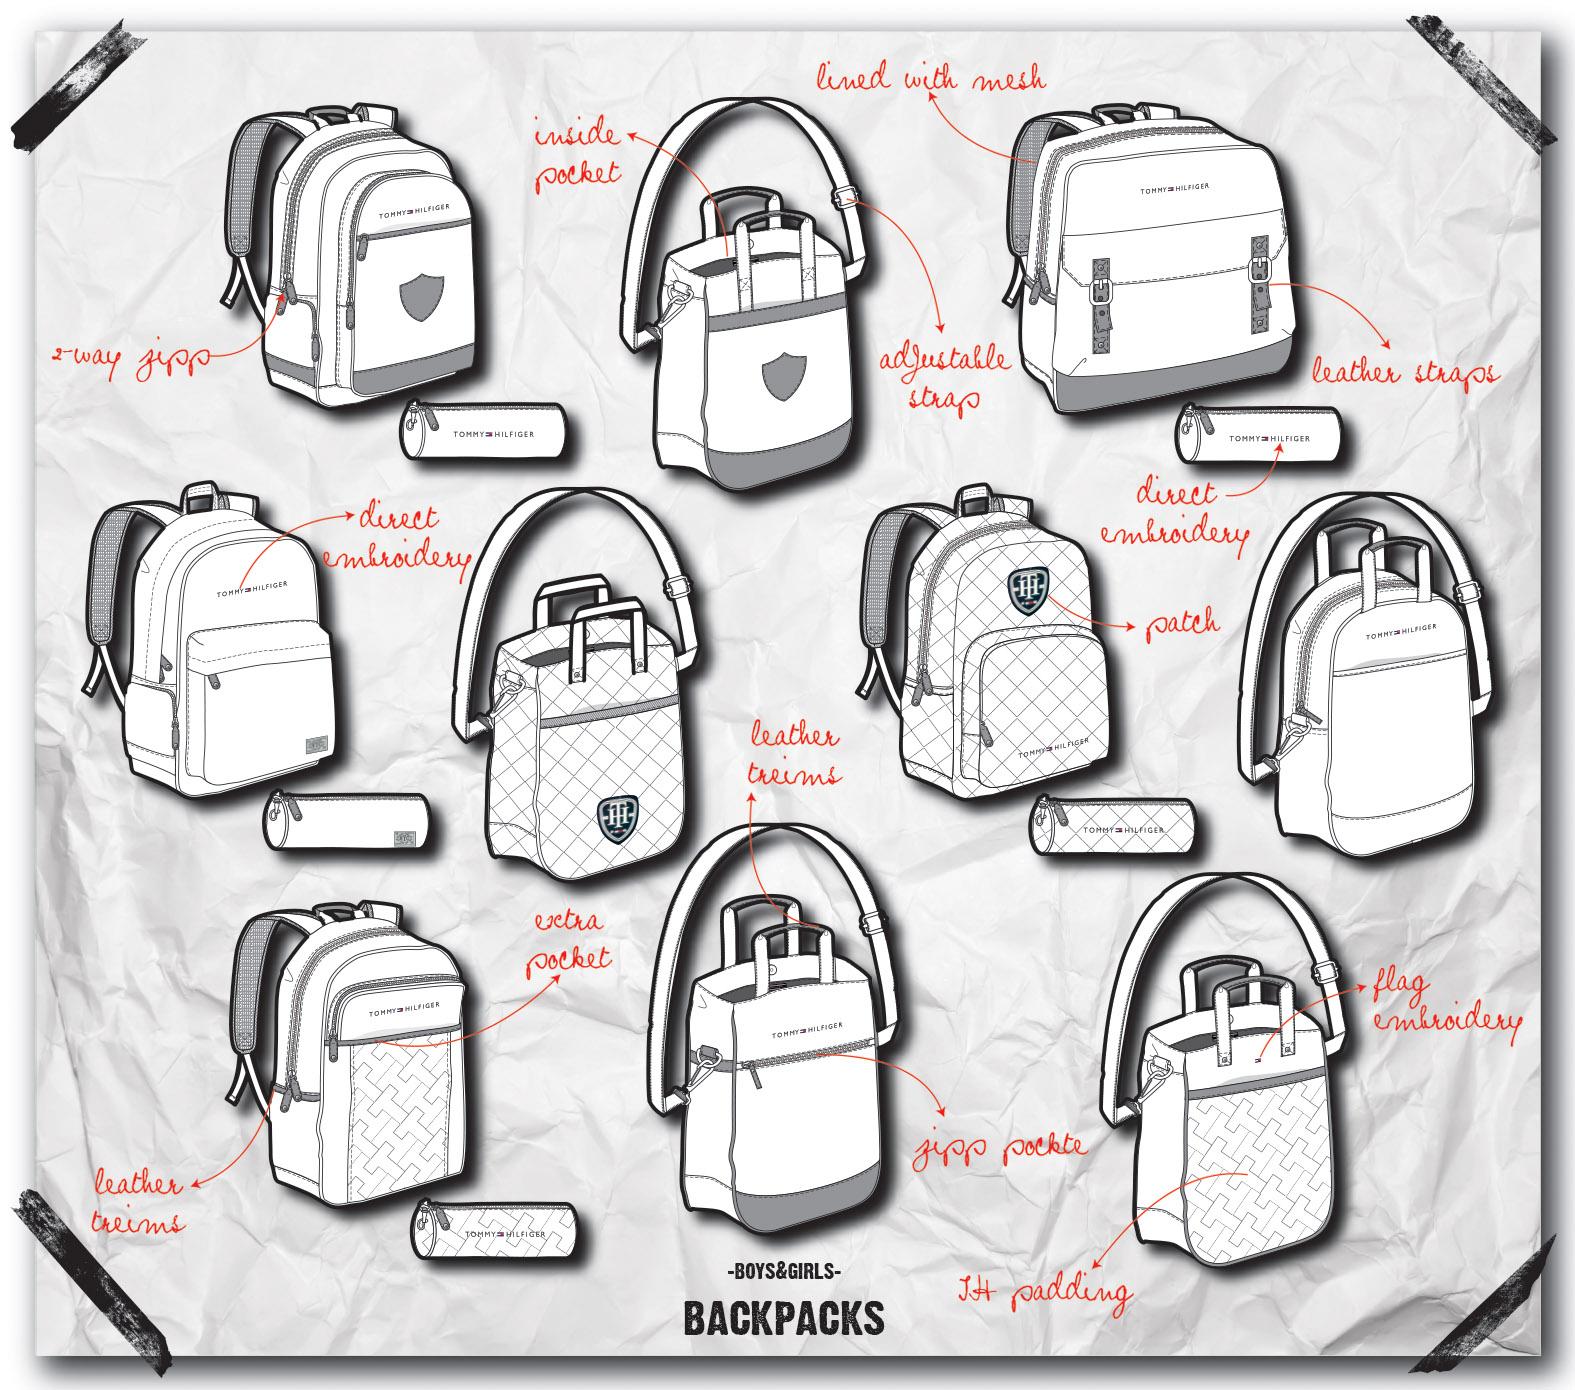 kirsti design accessoires freelance designer. Black Bedroom Furniture Sets. Home Design Ideas